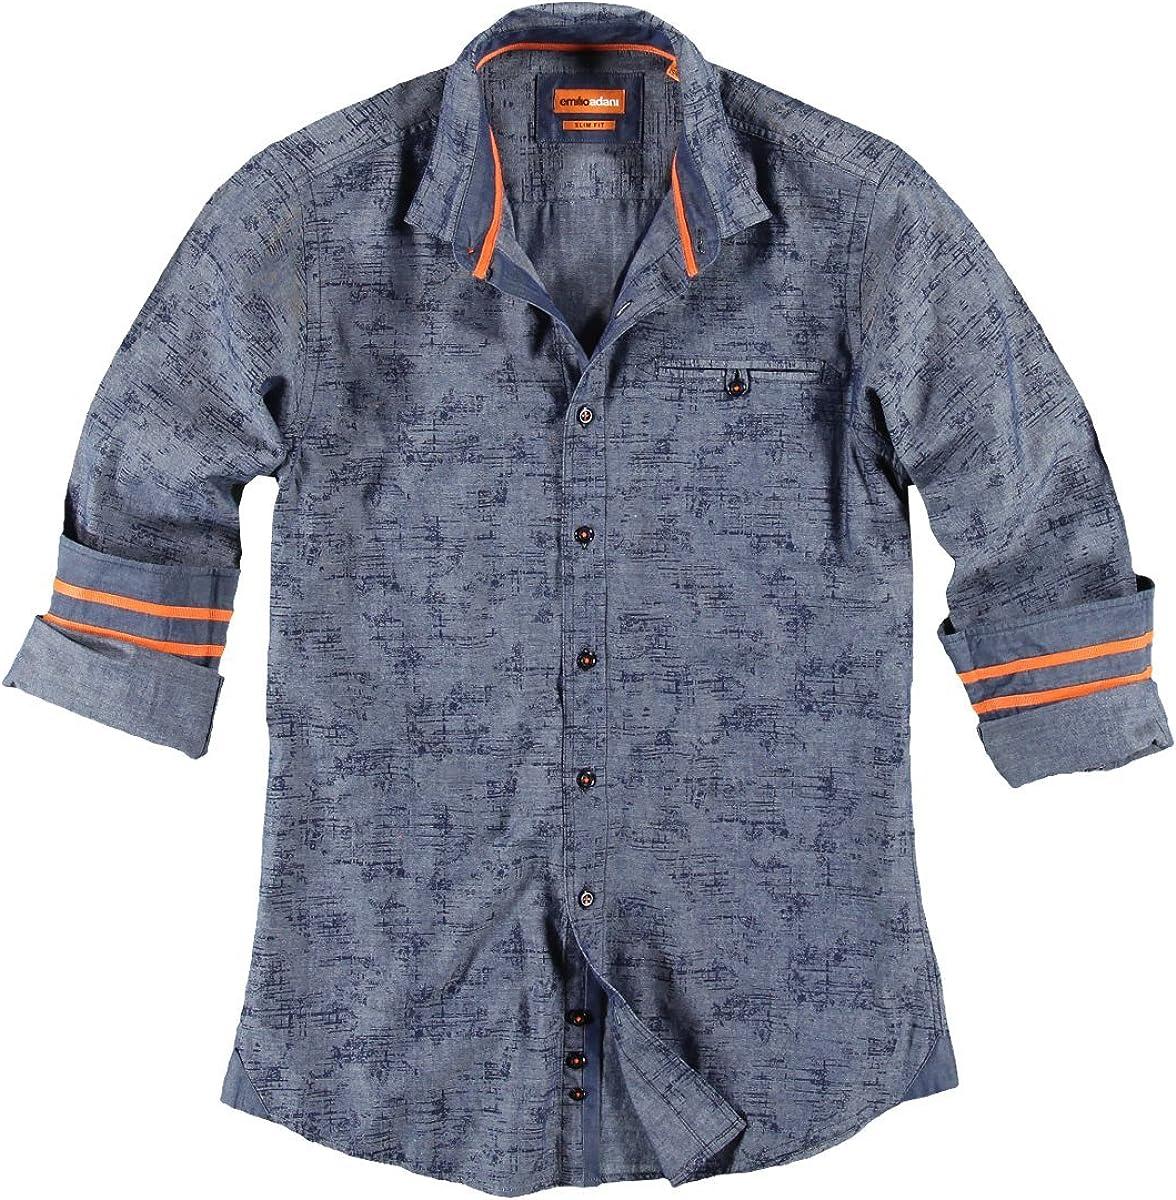 emilio adani - Camisa casual - Ajustado - Clásico - para hombre